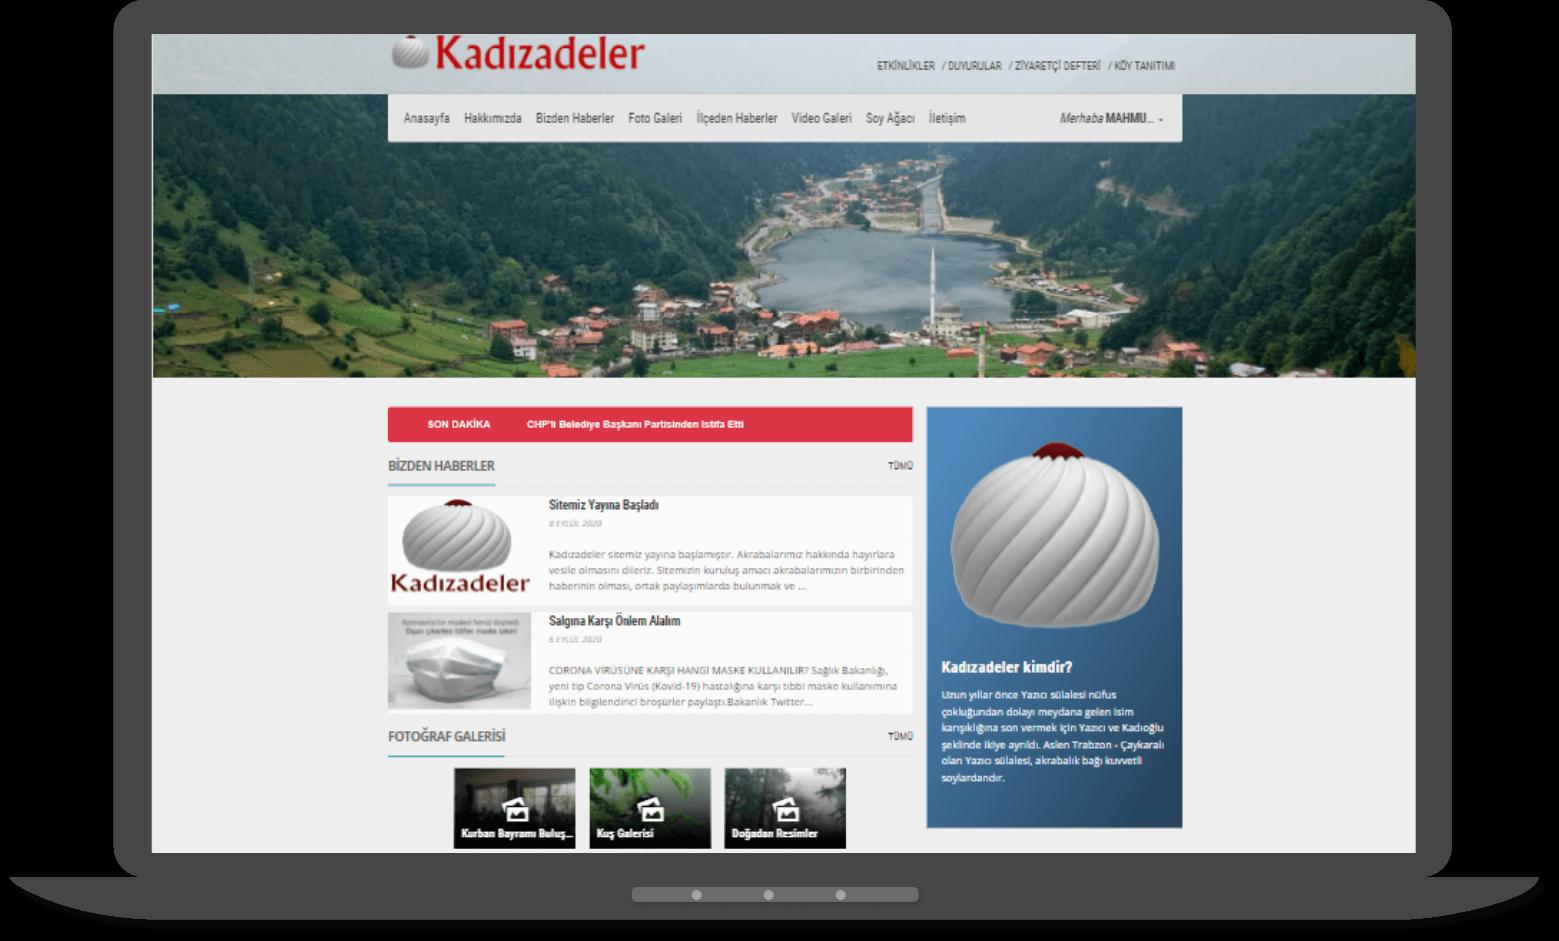 kadizadeler web